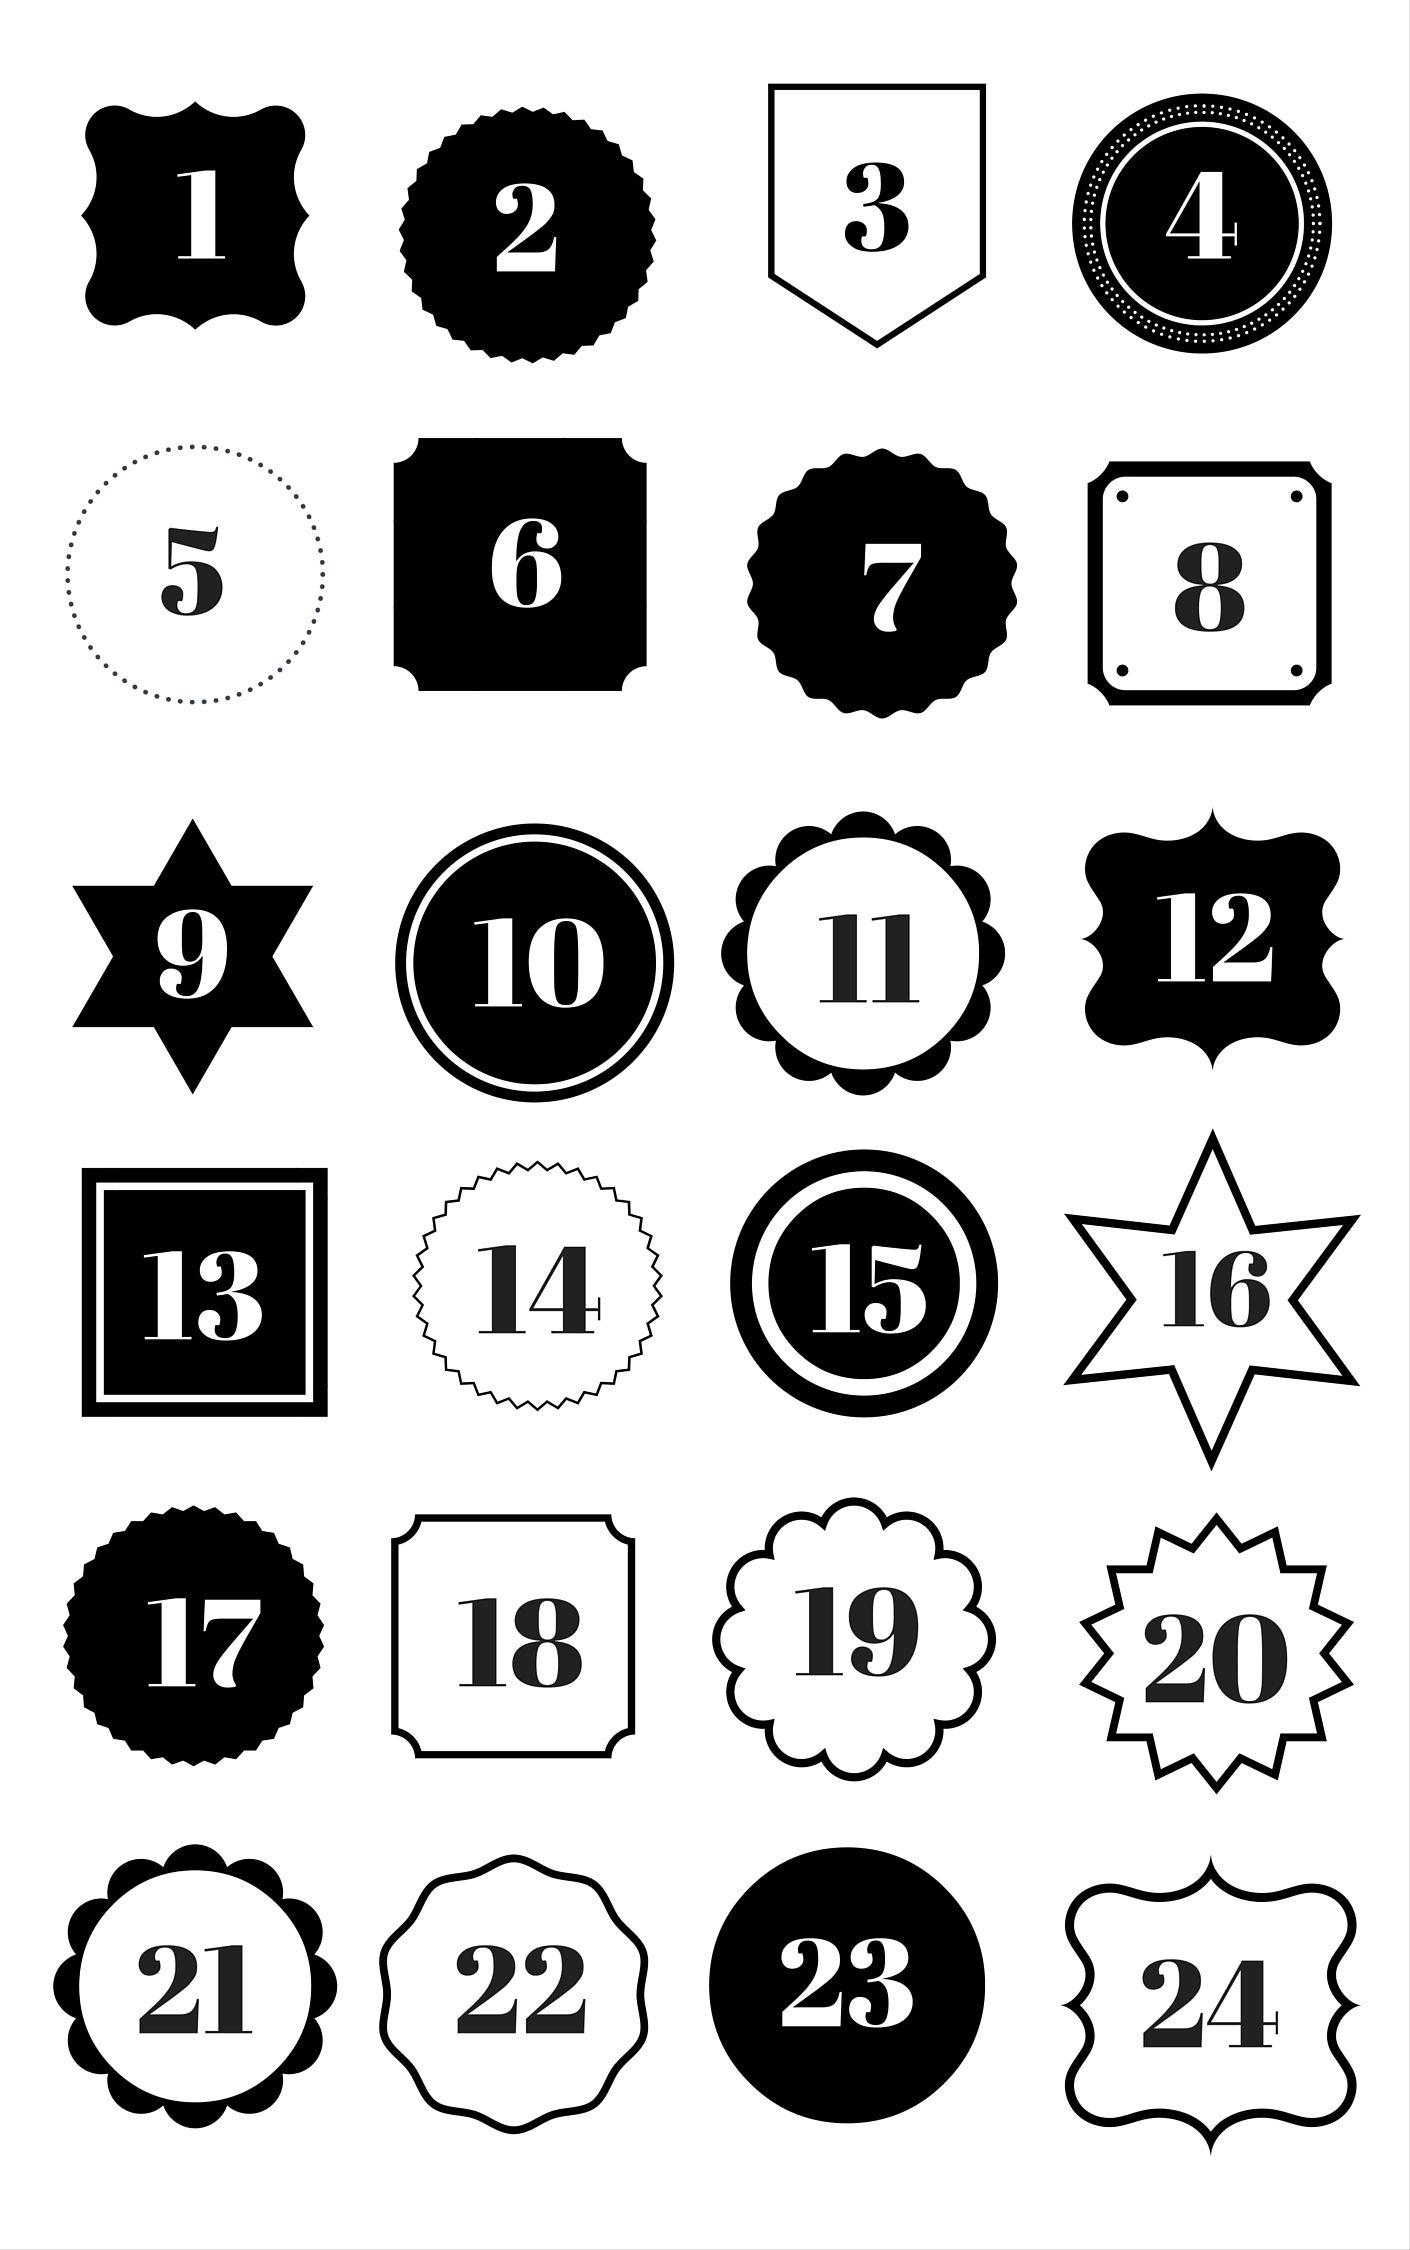 Adventskalender Zahlen Zum Ausdrucken | Adventskalender bei Adventskalender Vorlagen Ausdrucken